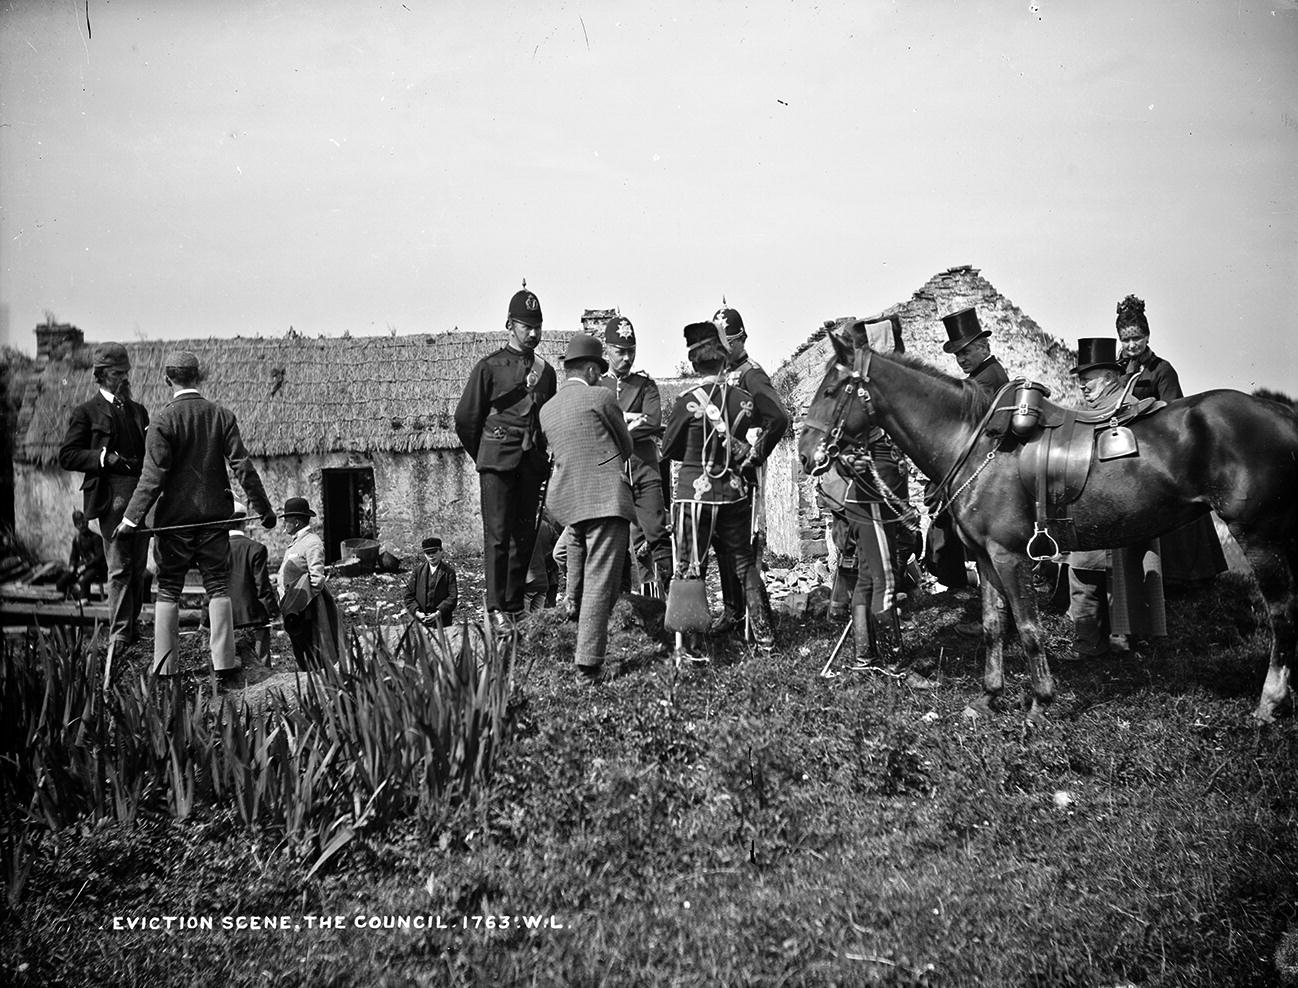 MITCHELSTOWN Scene of Fatal Riot on Cork St Ireland Antique Print 1887